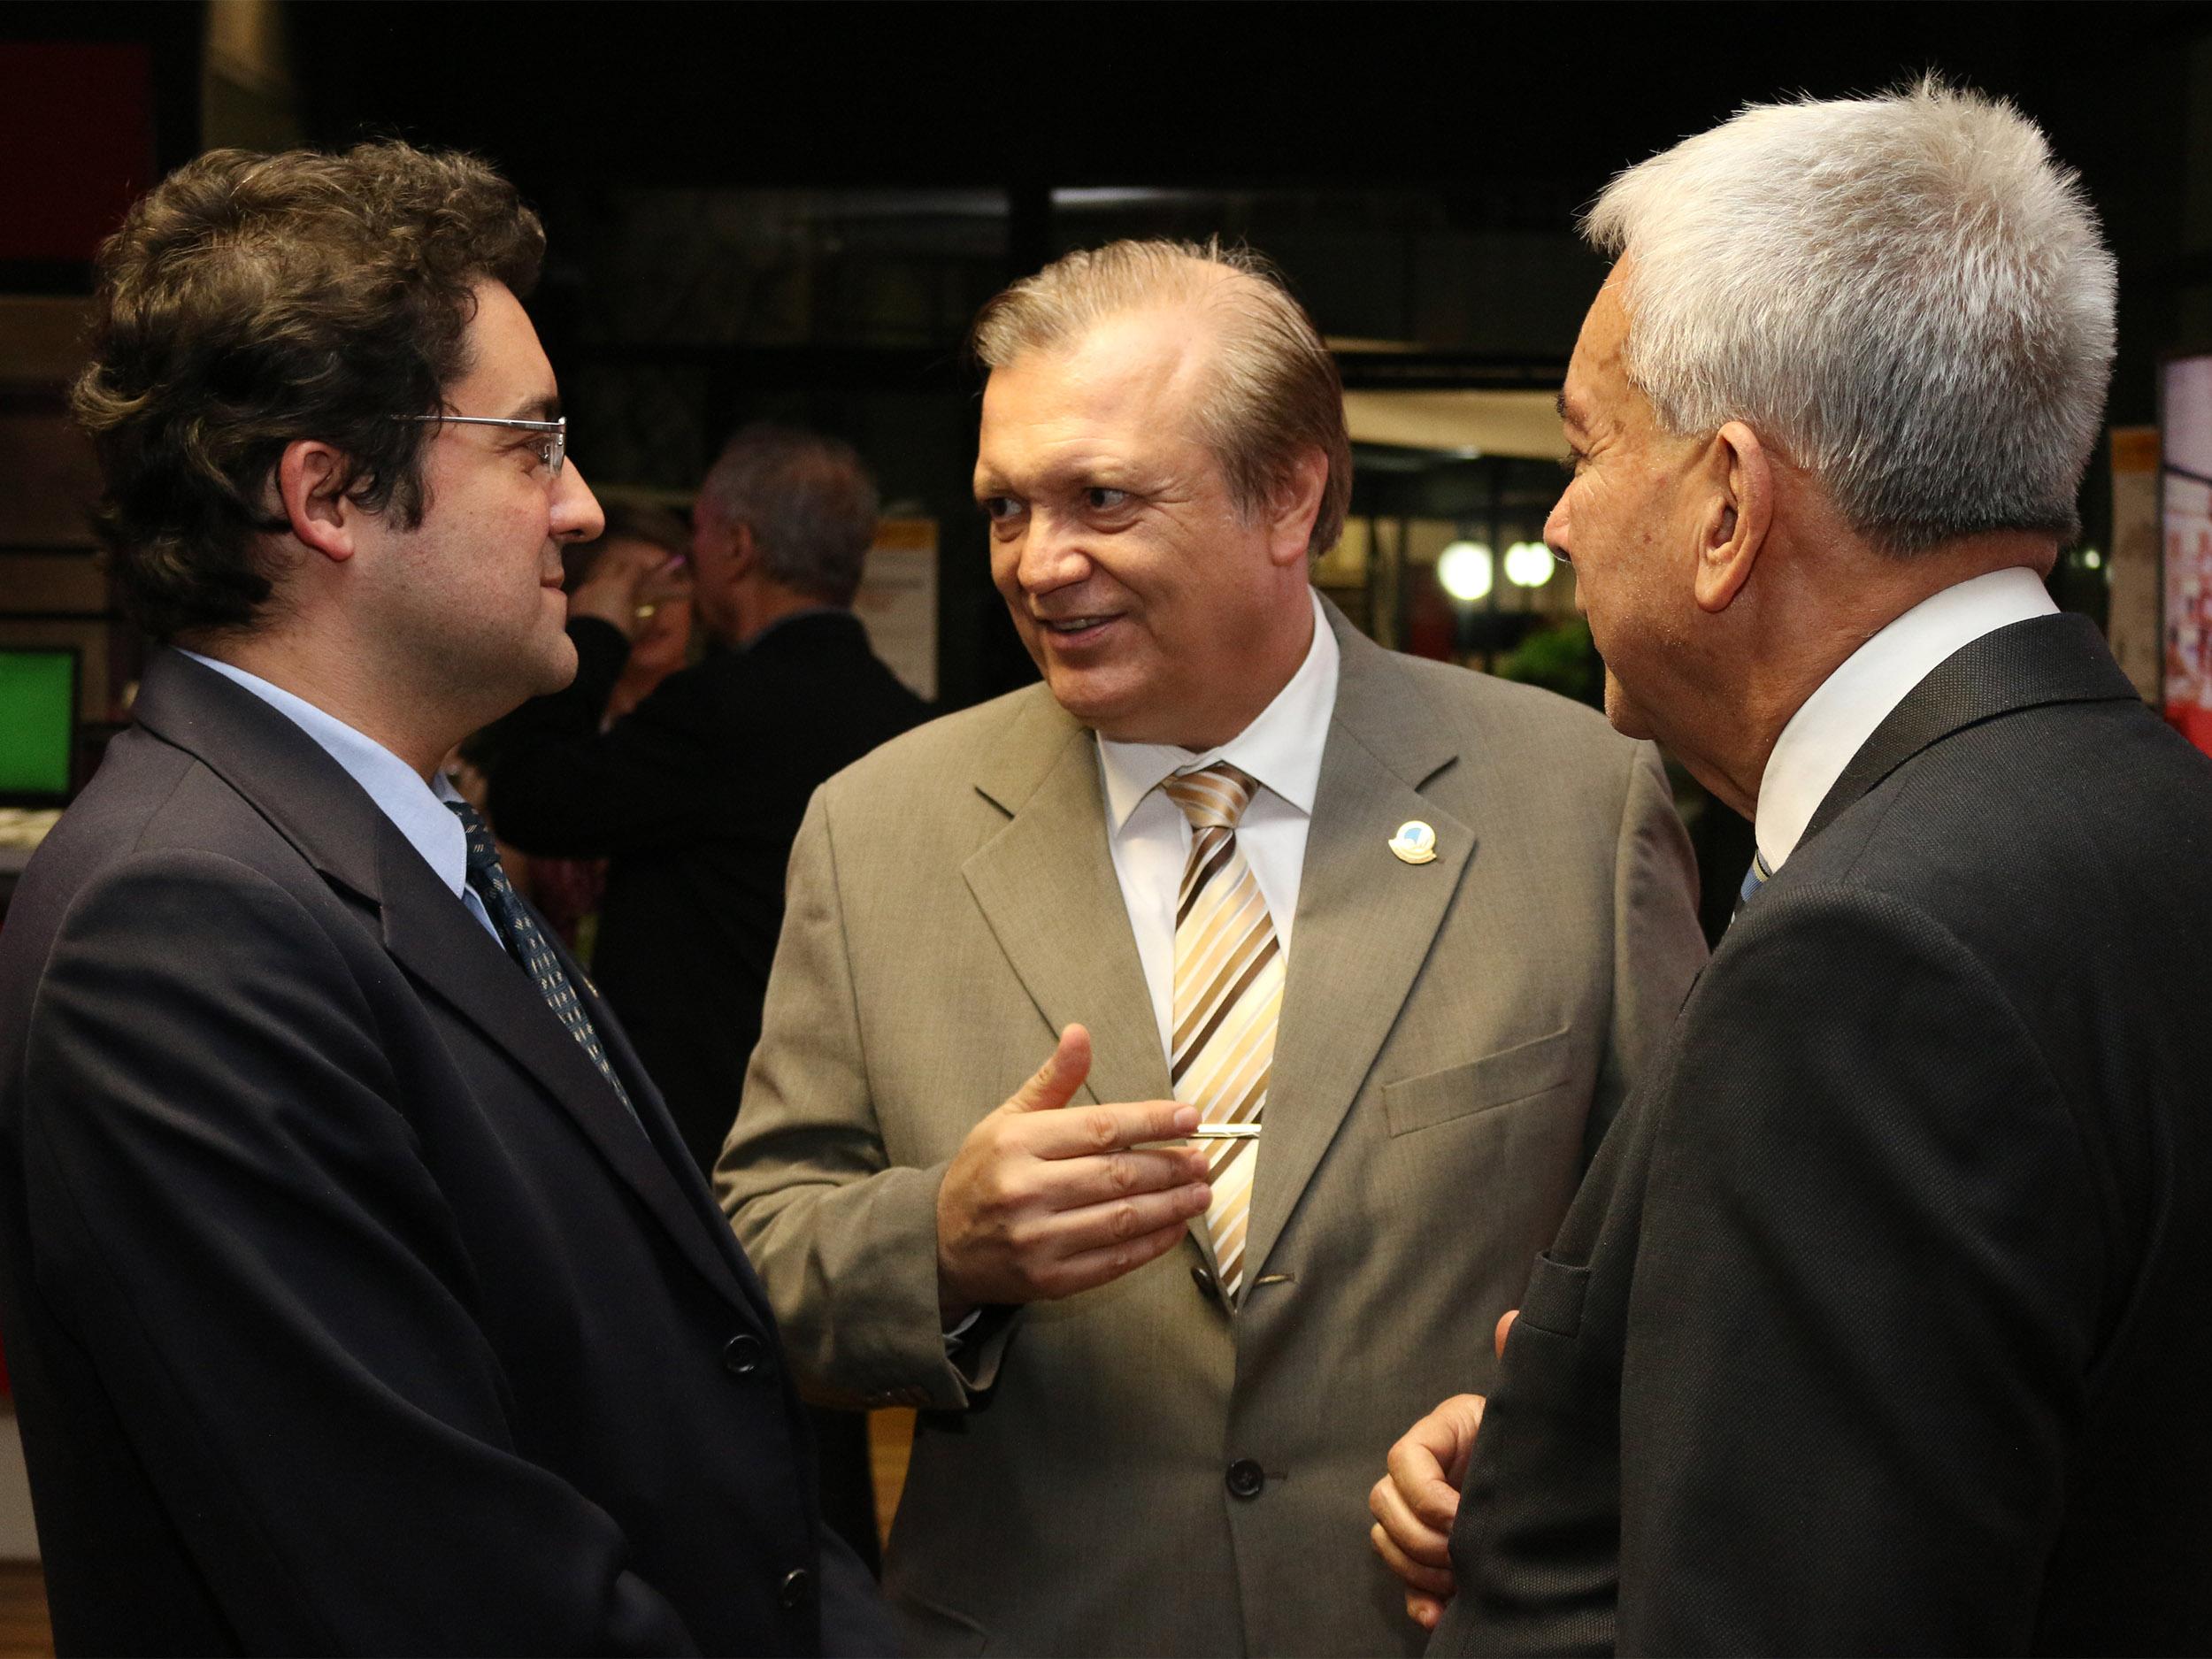 Presidente da ANESP, Alex Canuto,Luiz Alberto dos Santos, ex-Presidente da ANESP,e o ex-Presidente da ENAP Antônio Octávio Cintra. Foto: Filipe Calmon / ANESP